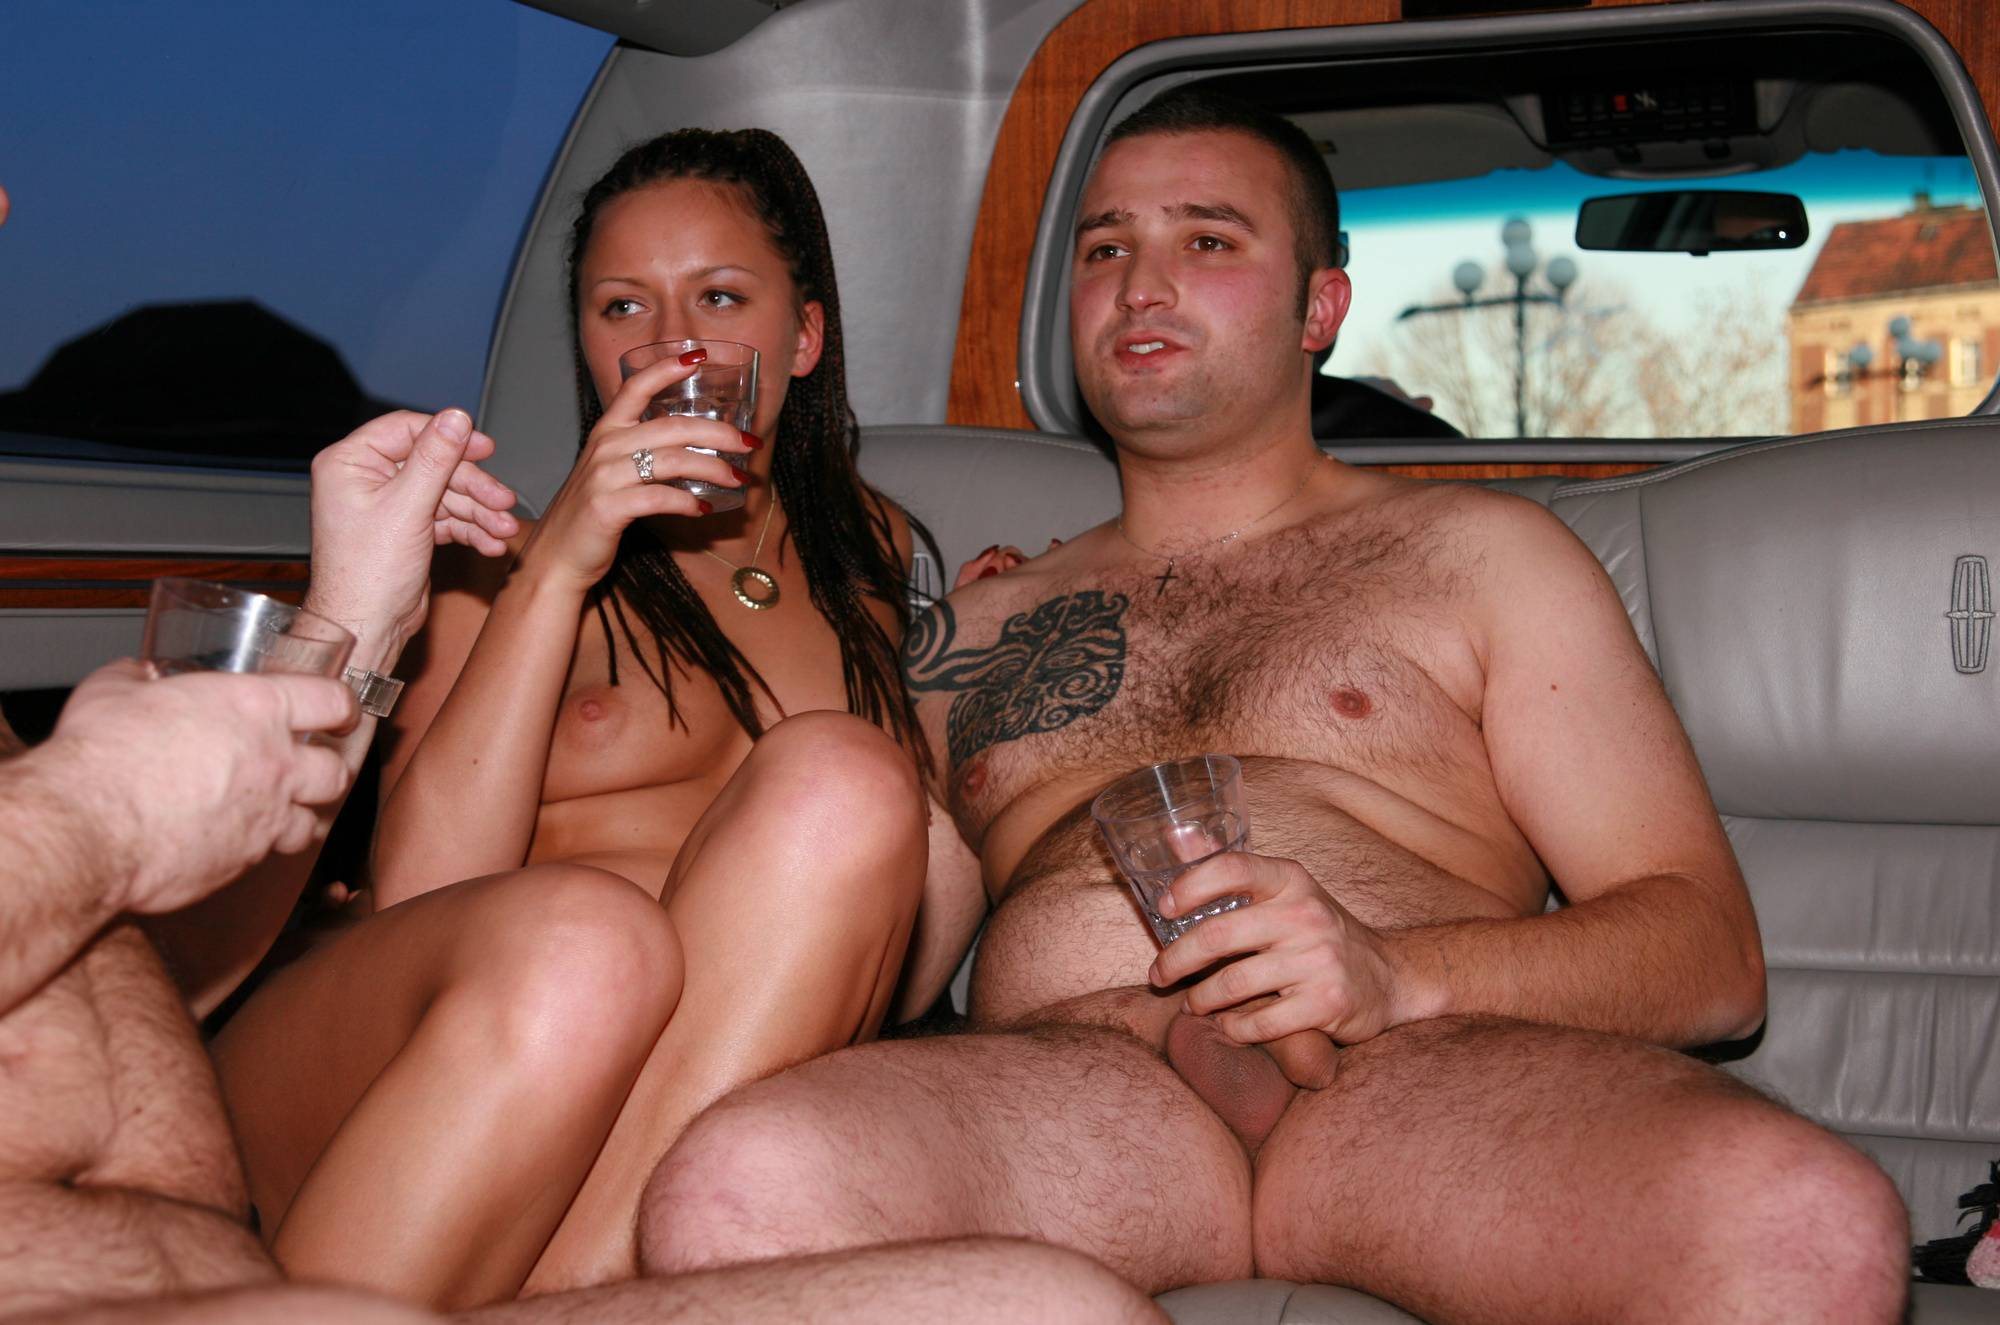 Purenudism Gallery-Nude Limousine Friends - 1